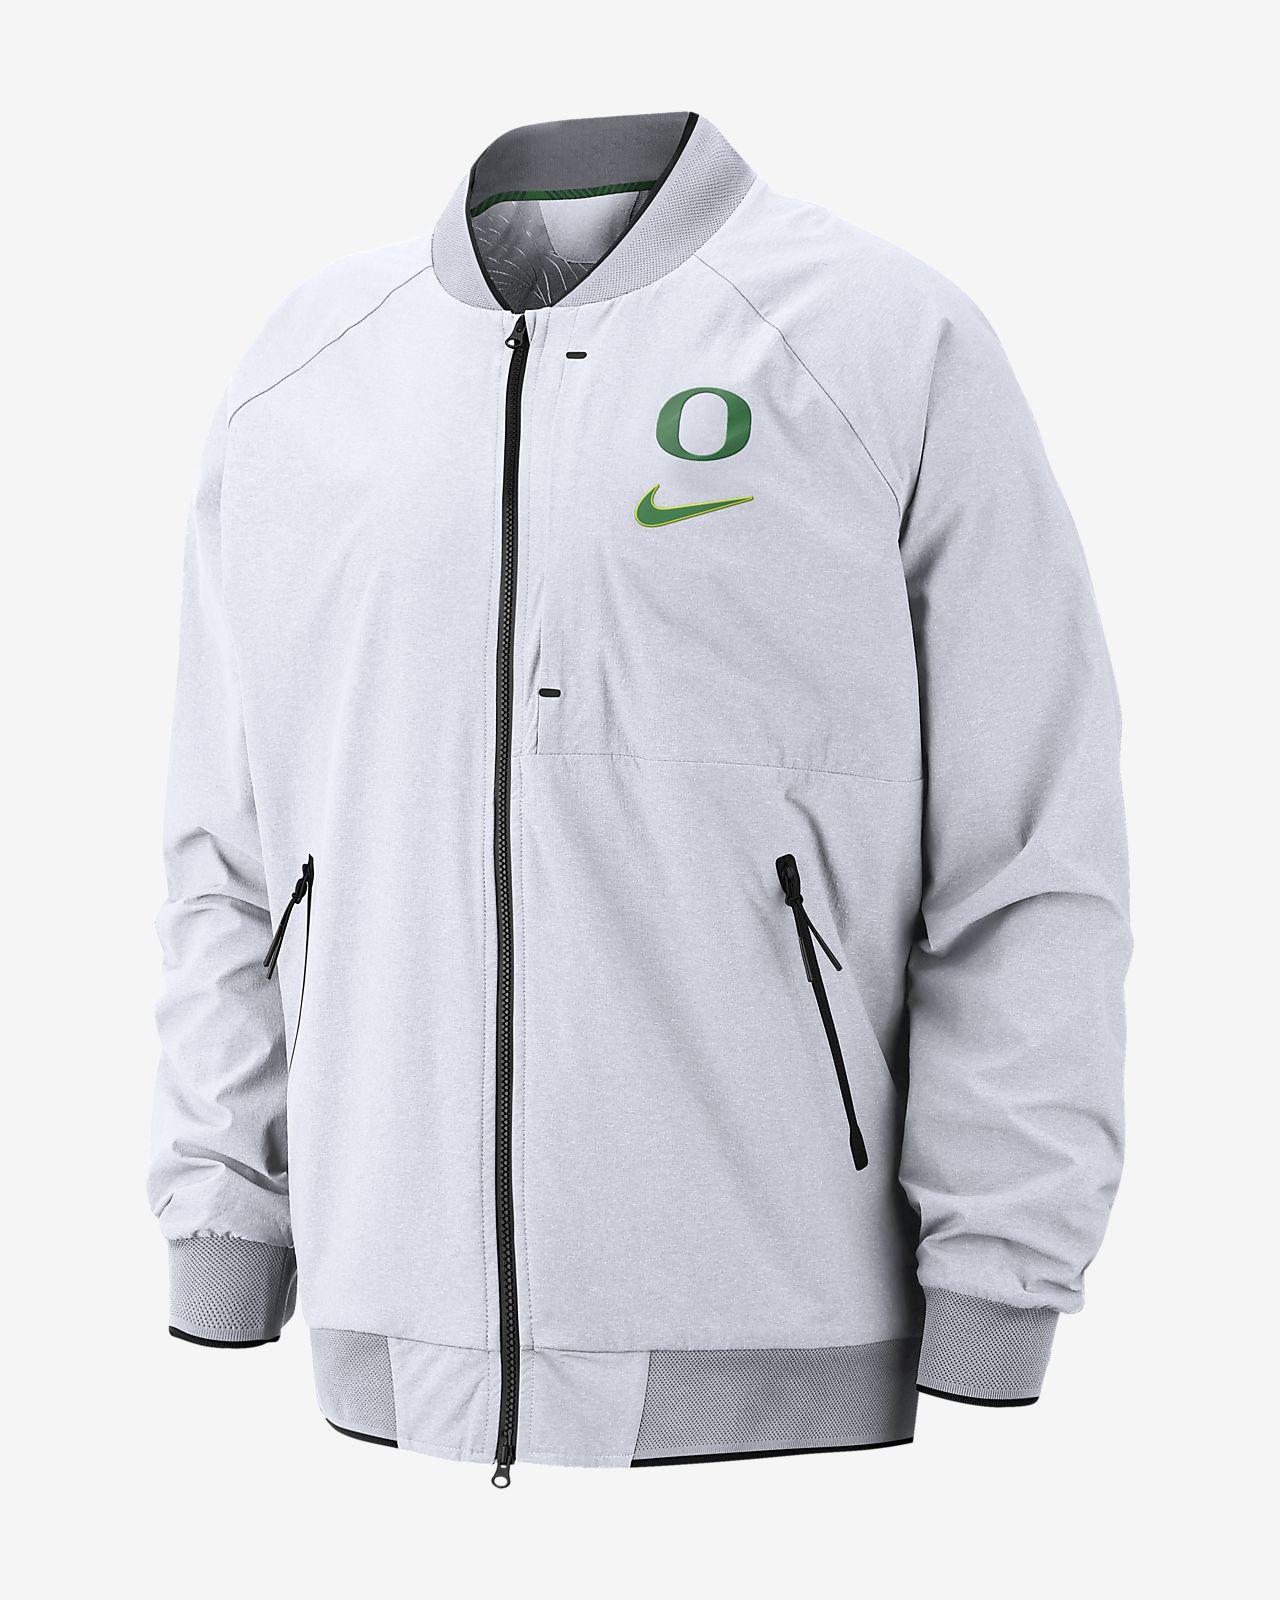 sideline-coach-oregon-mens-jacket-6t4v8F